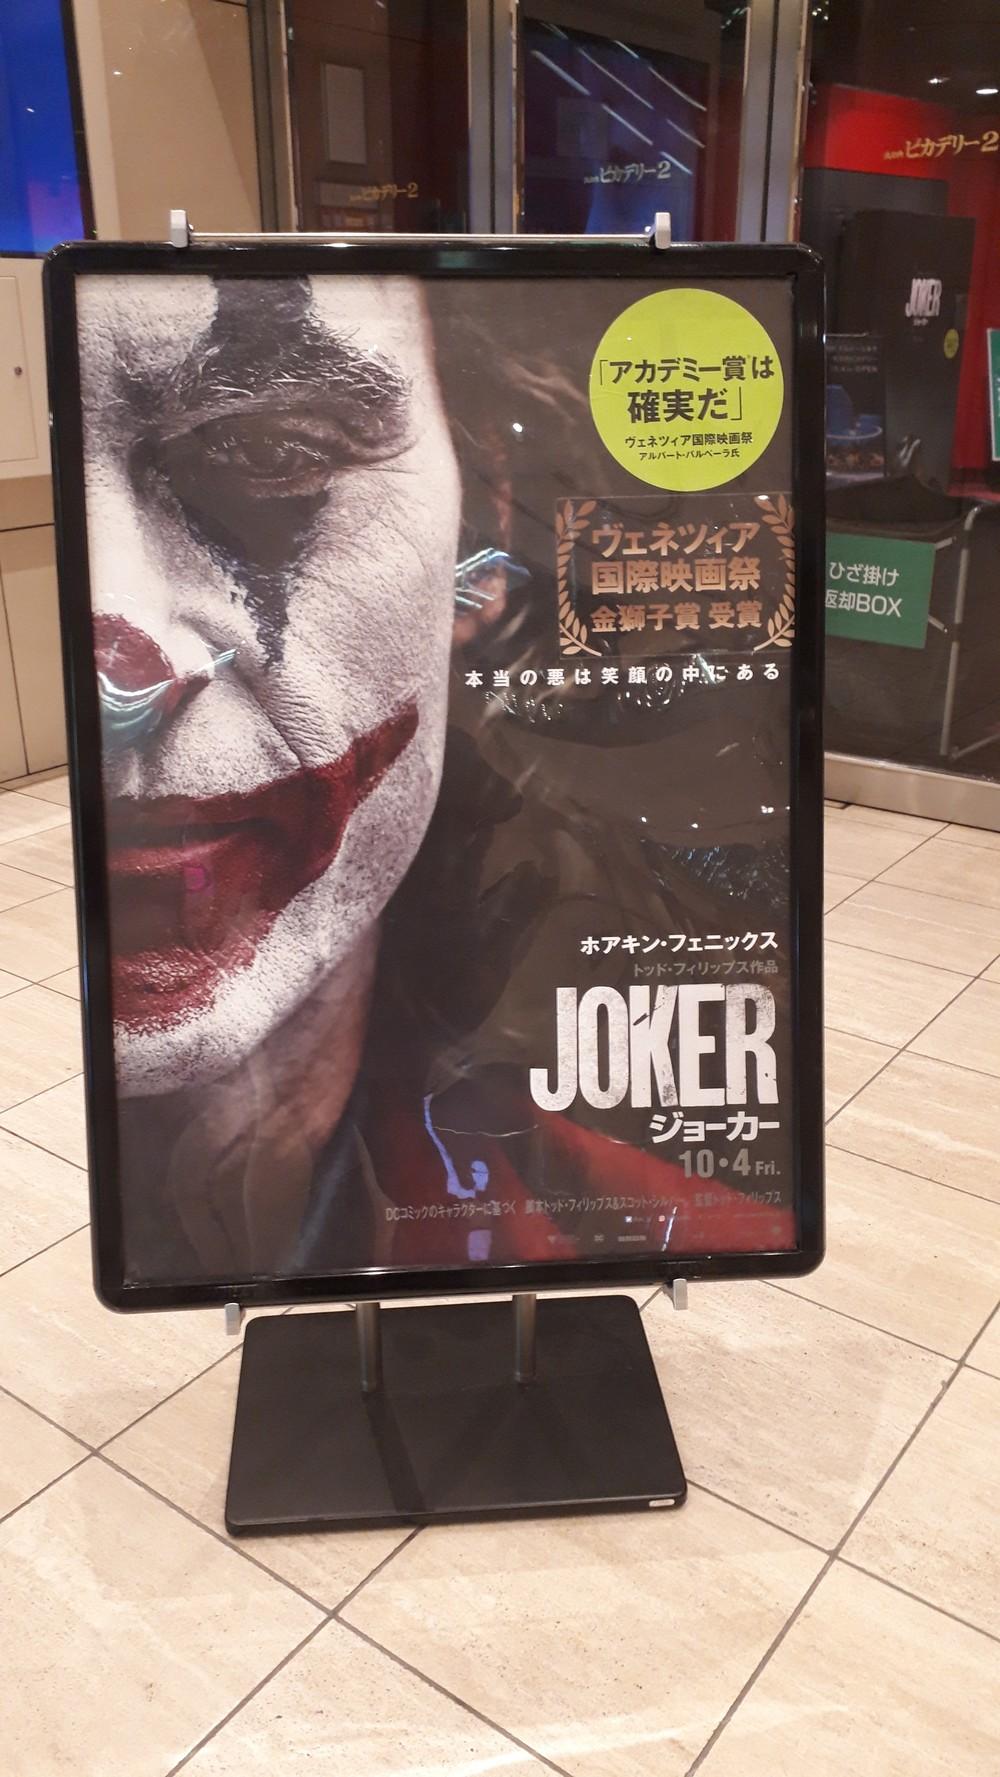 岡田光世「トランプのアメリカ」で暮らす人たち 大統領はなぜ、映画「ジョーカー」を気に入ったのか